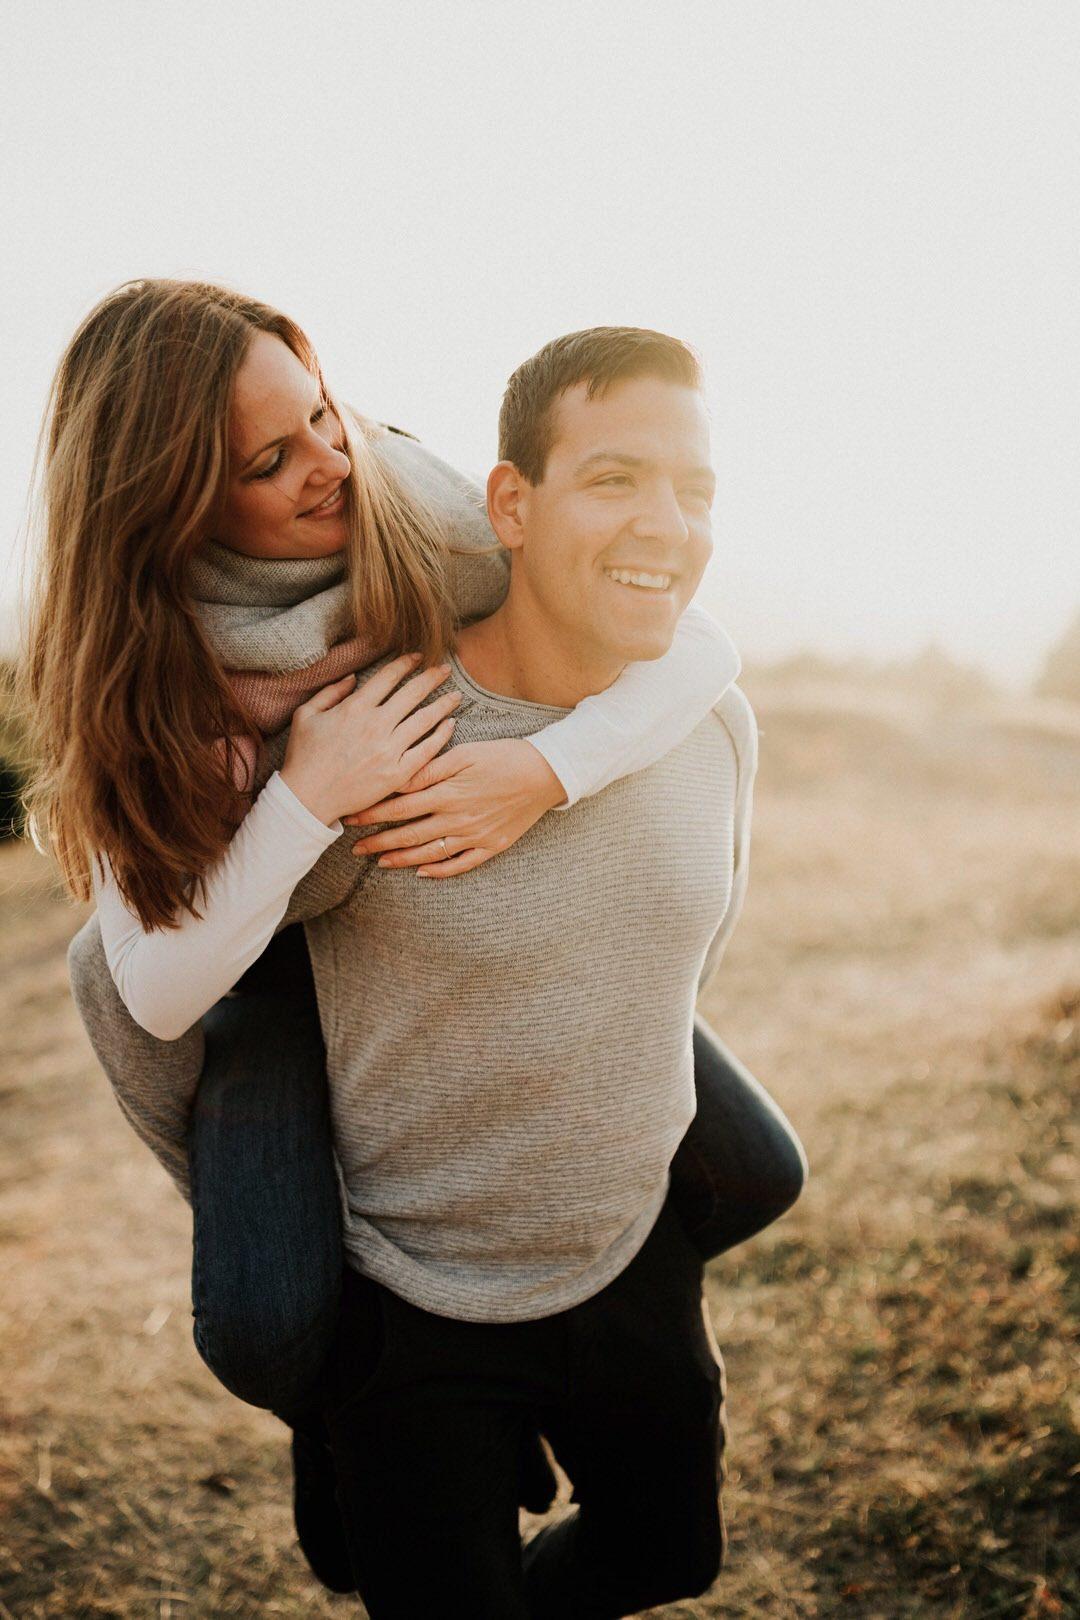 Huckepack als Posing Idee für ungestellte und natürliche Paar-Fotoshootings. Er trägt sie auf Händen, wie sollte das kein bezauberndes Lächeln hervorrufen.